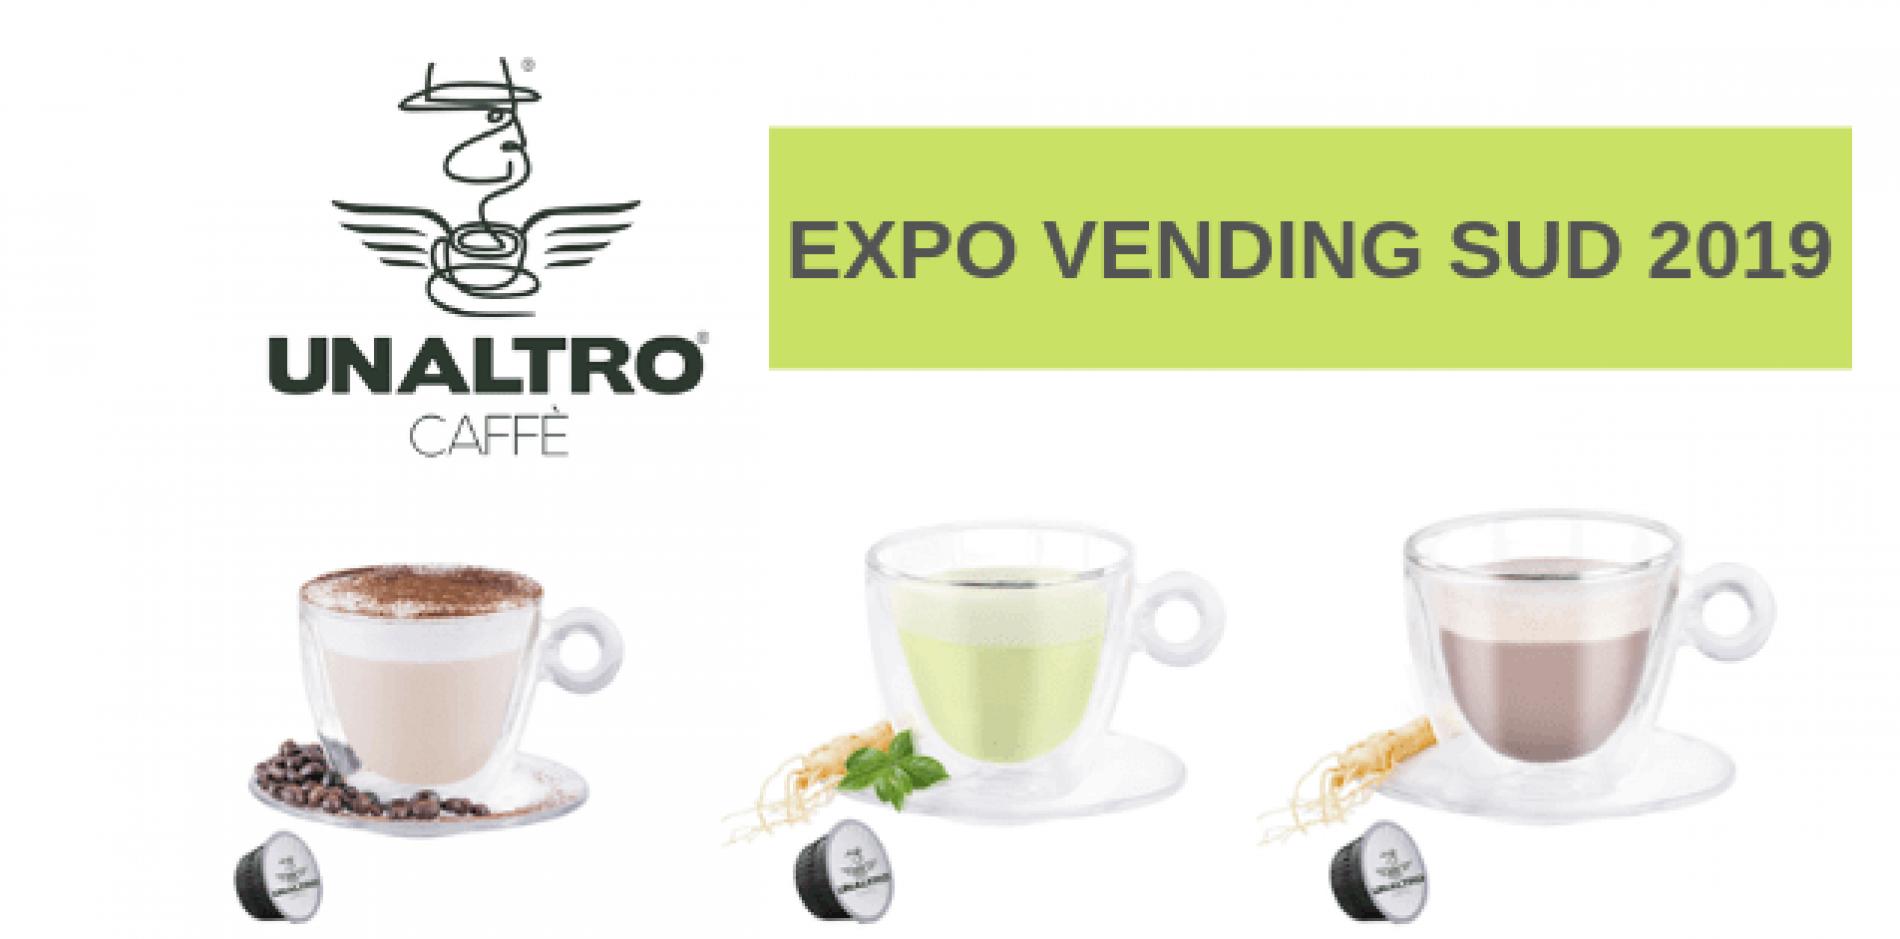 UNALTRO a Expo Vending Sud con le sue bevande gourmet